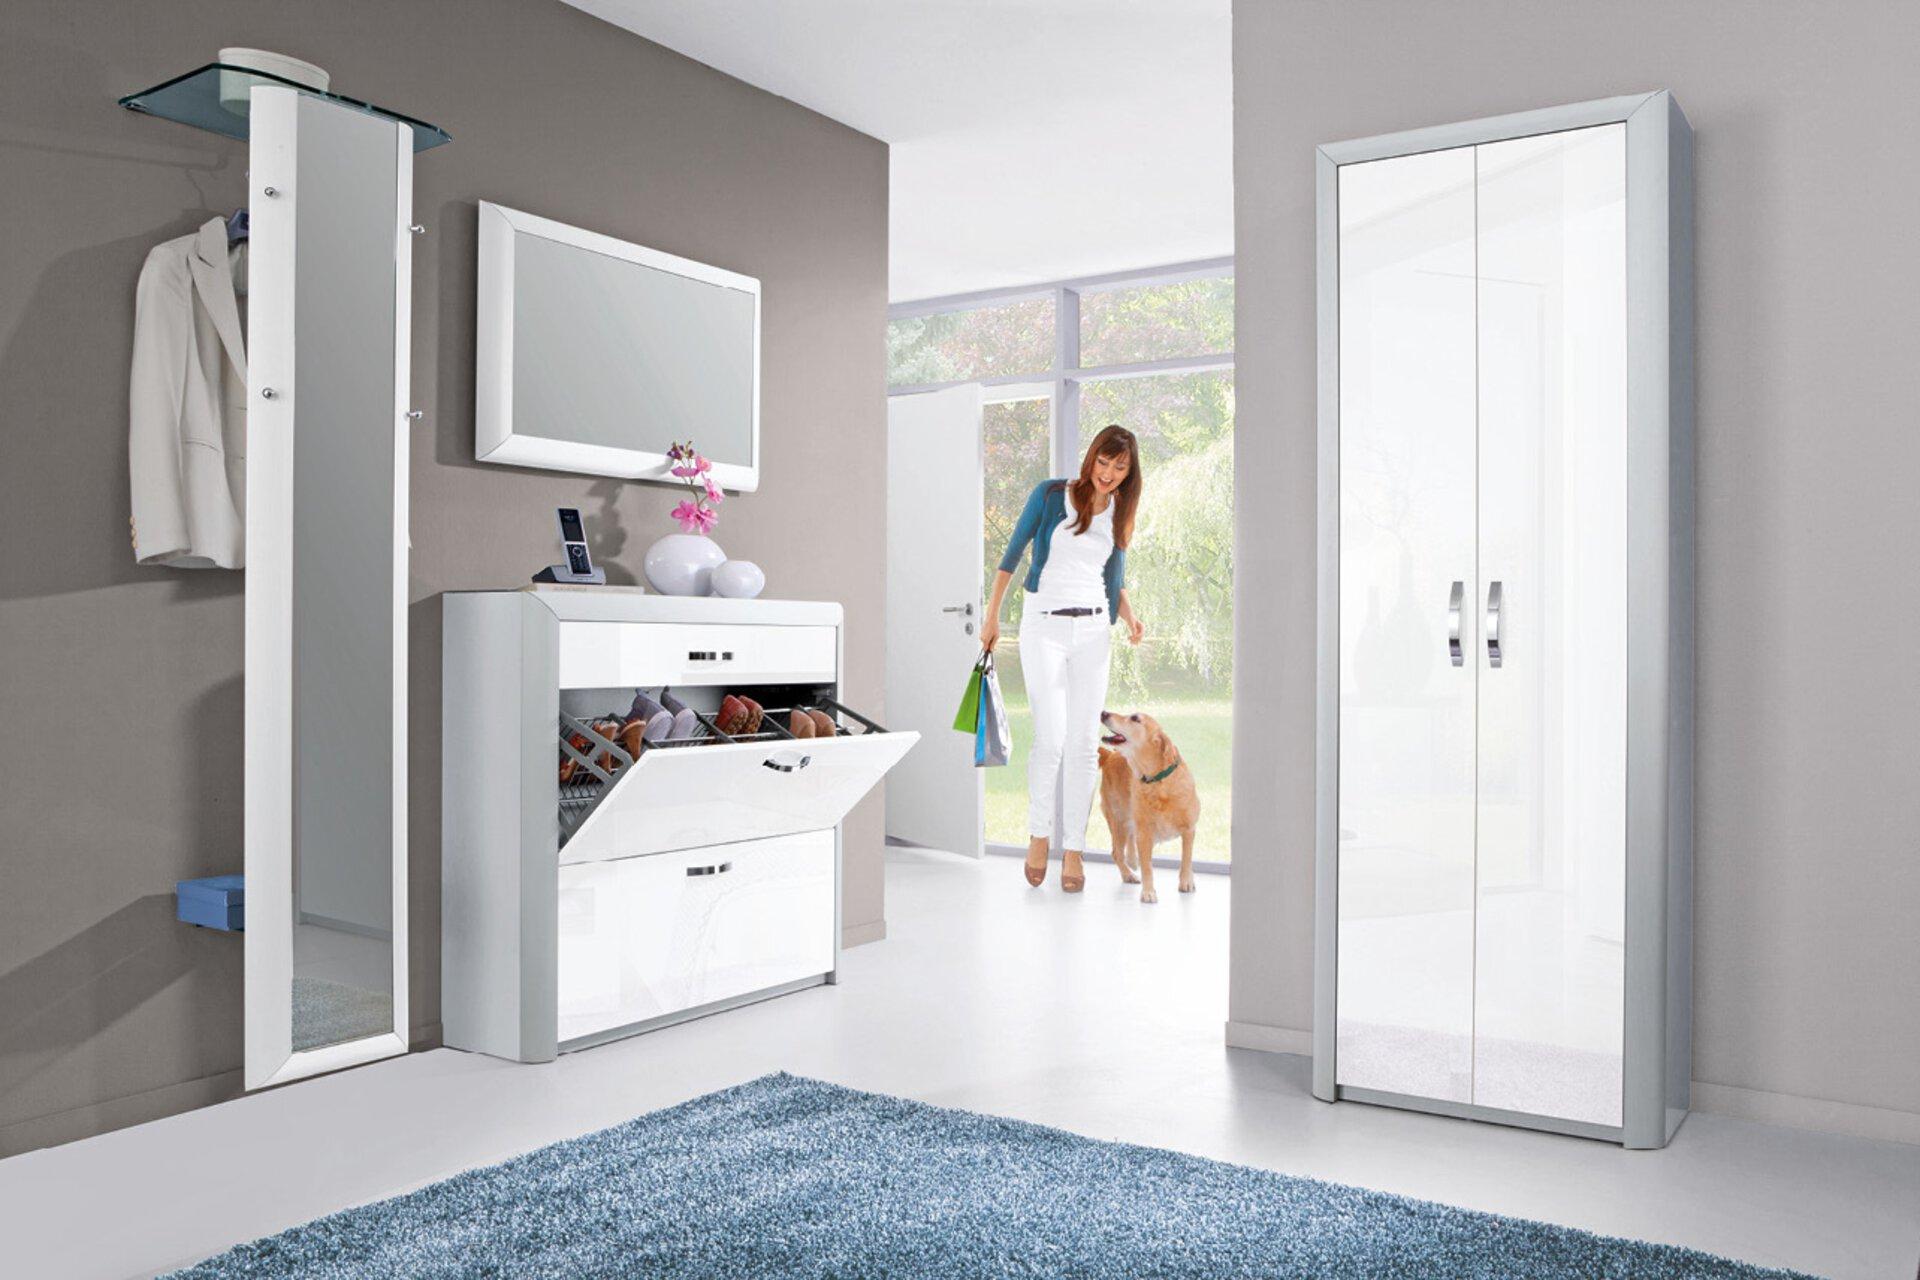 Garderobenschrank TITAN MONDO Holzwerkstoff mehrfarbig 33 x 194 x 68 cm